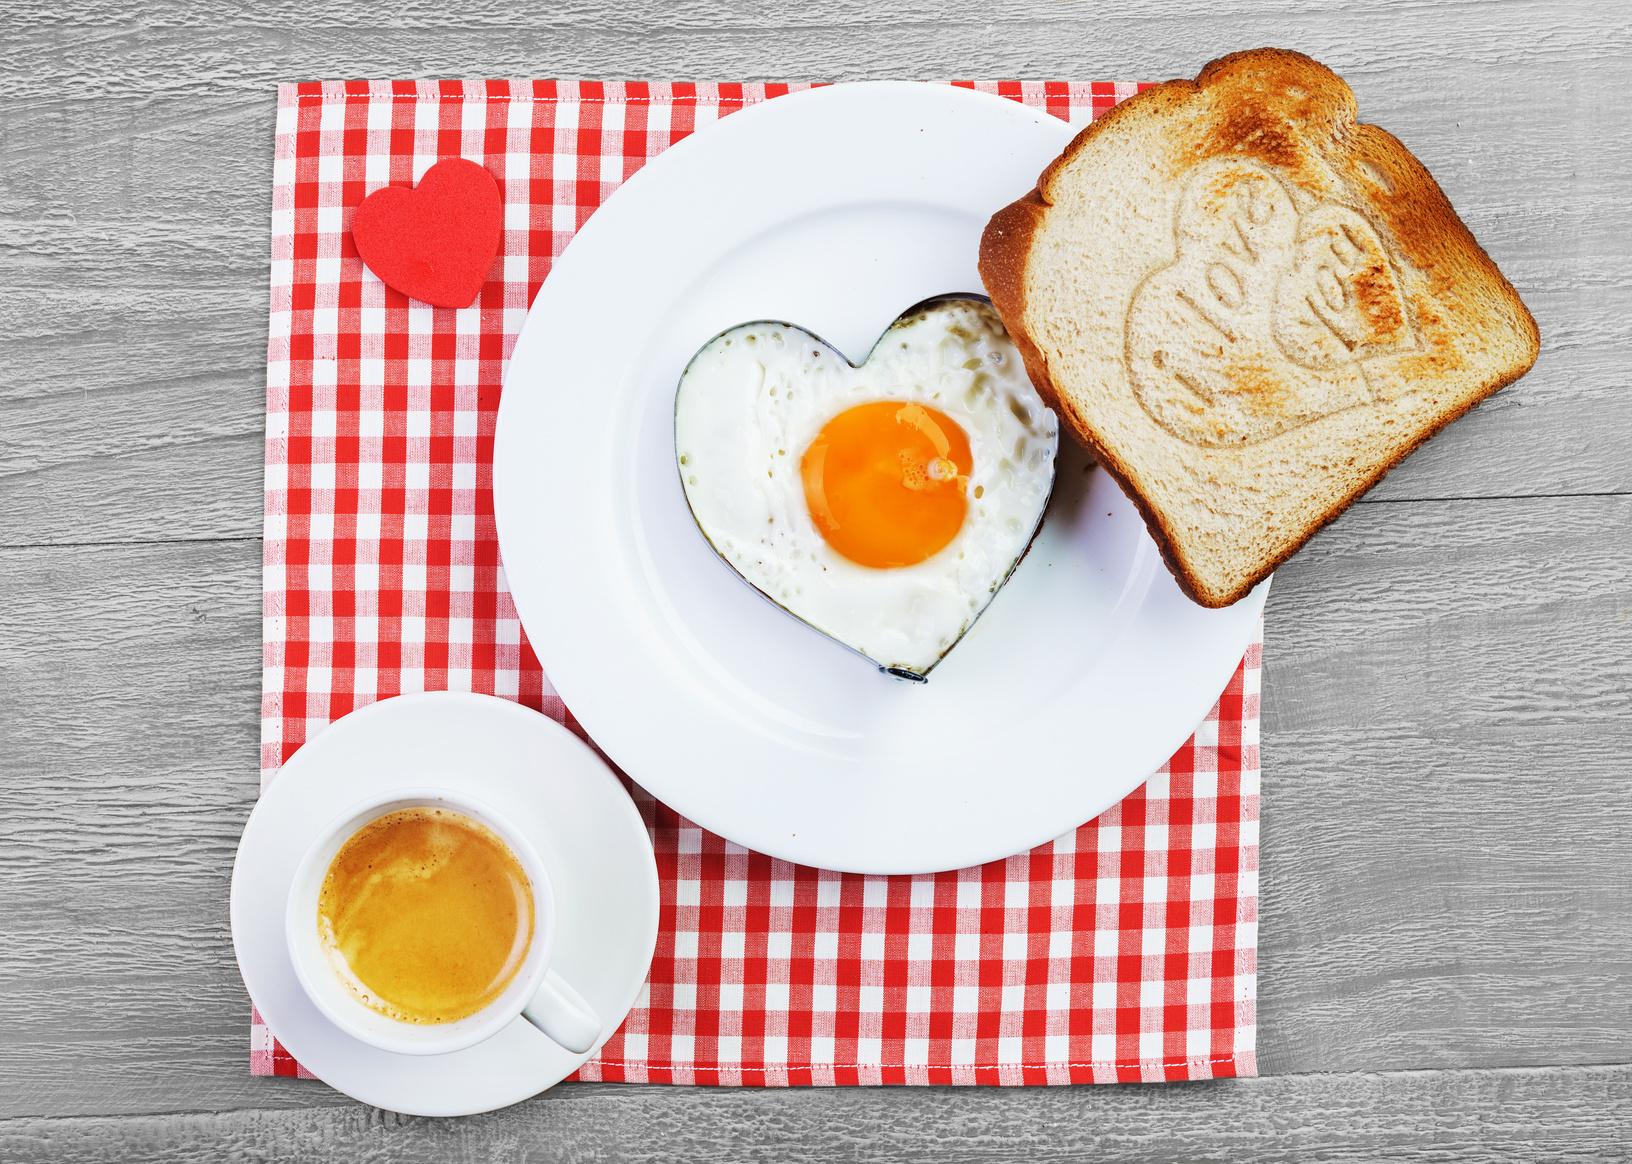 Borges - 7 способов сказать Я тебя люблю при помощи здорового питания